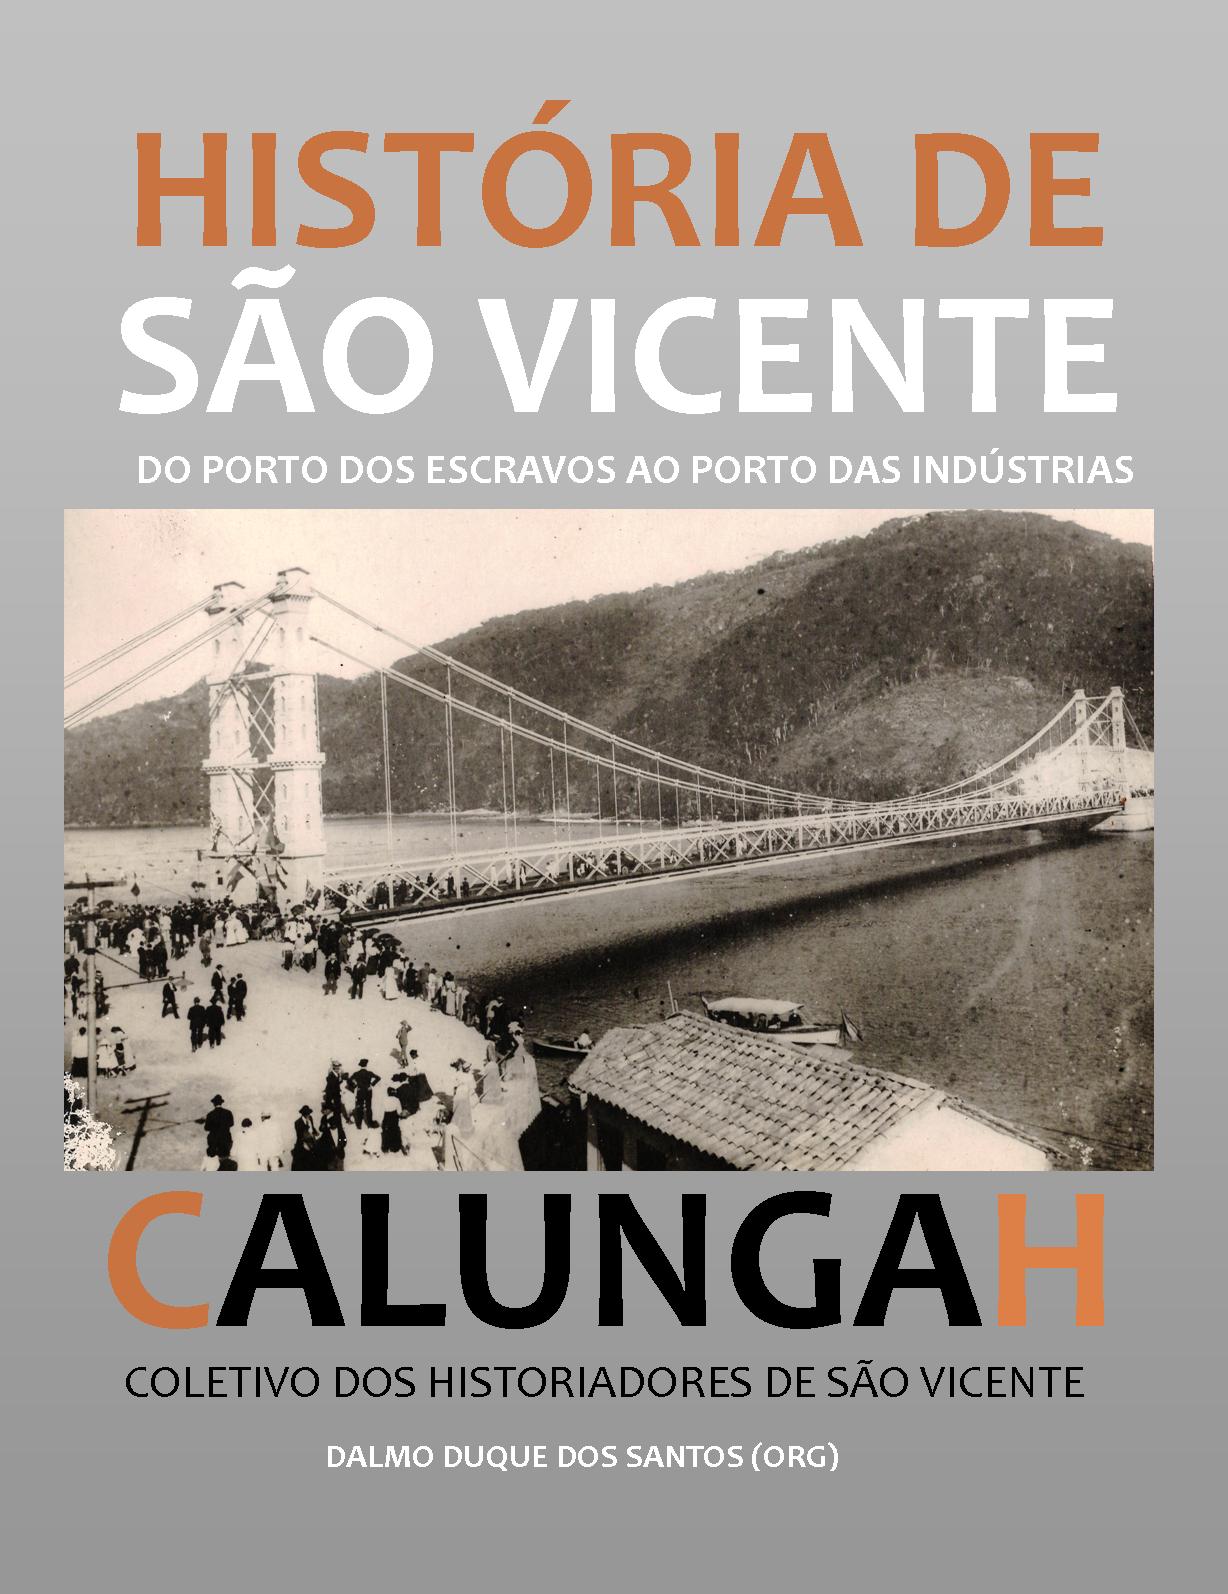 Inauguração da Ponte Pênsil